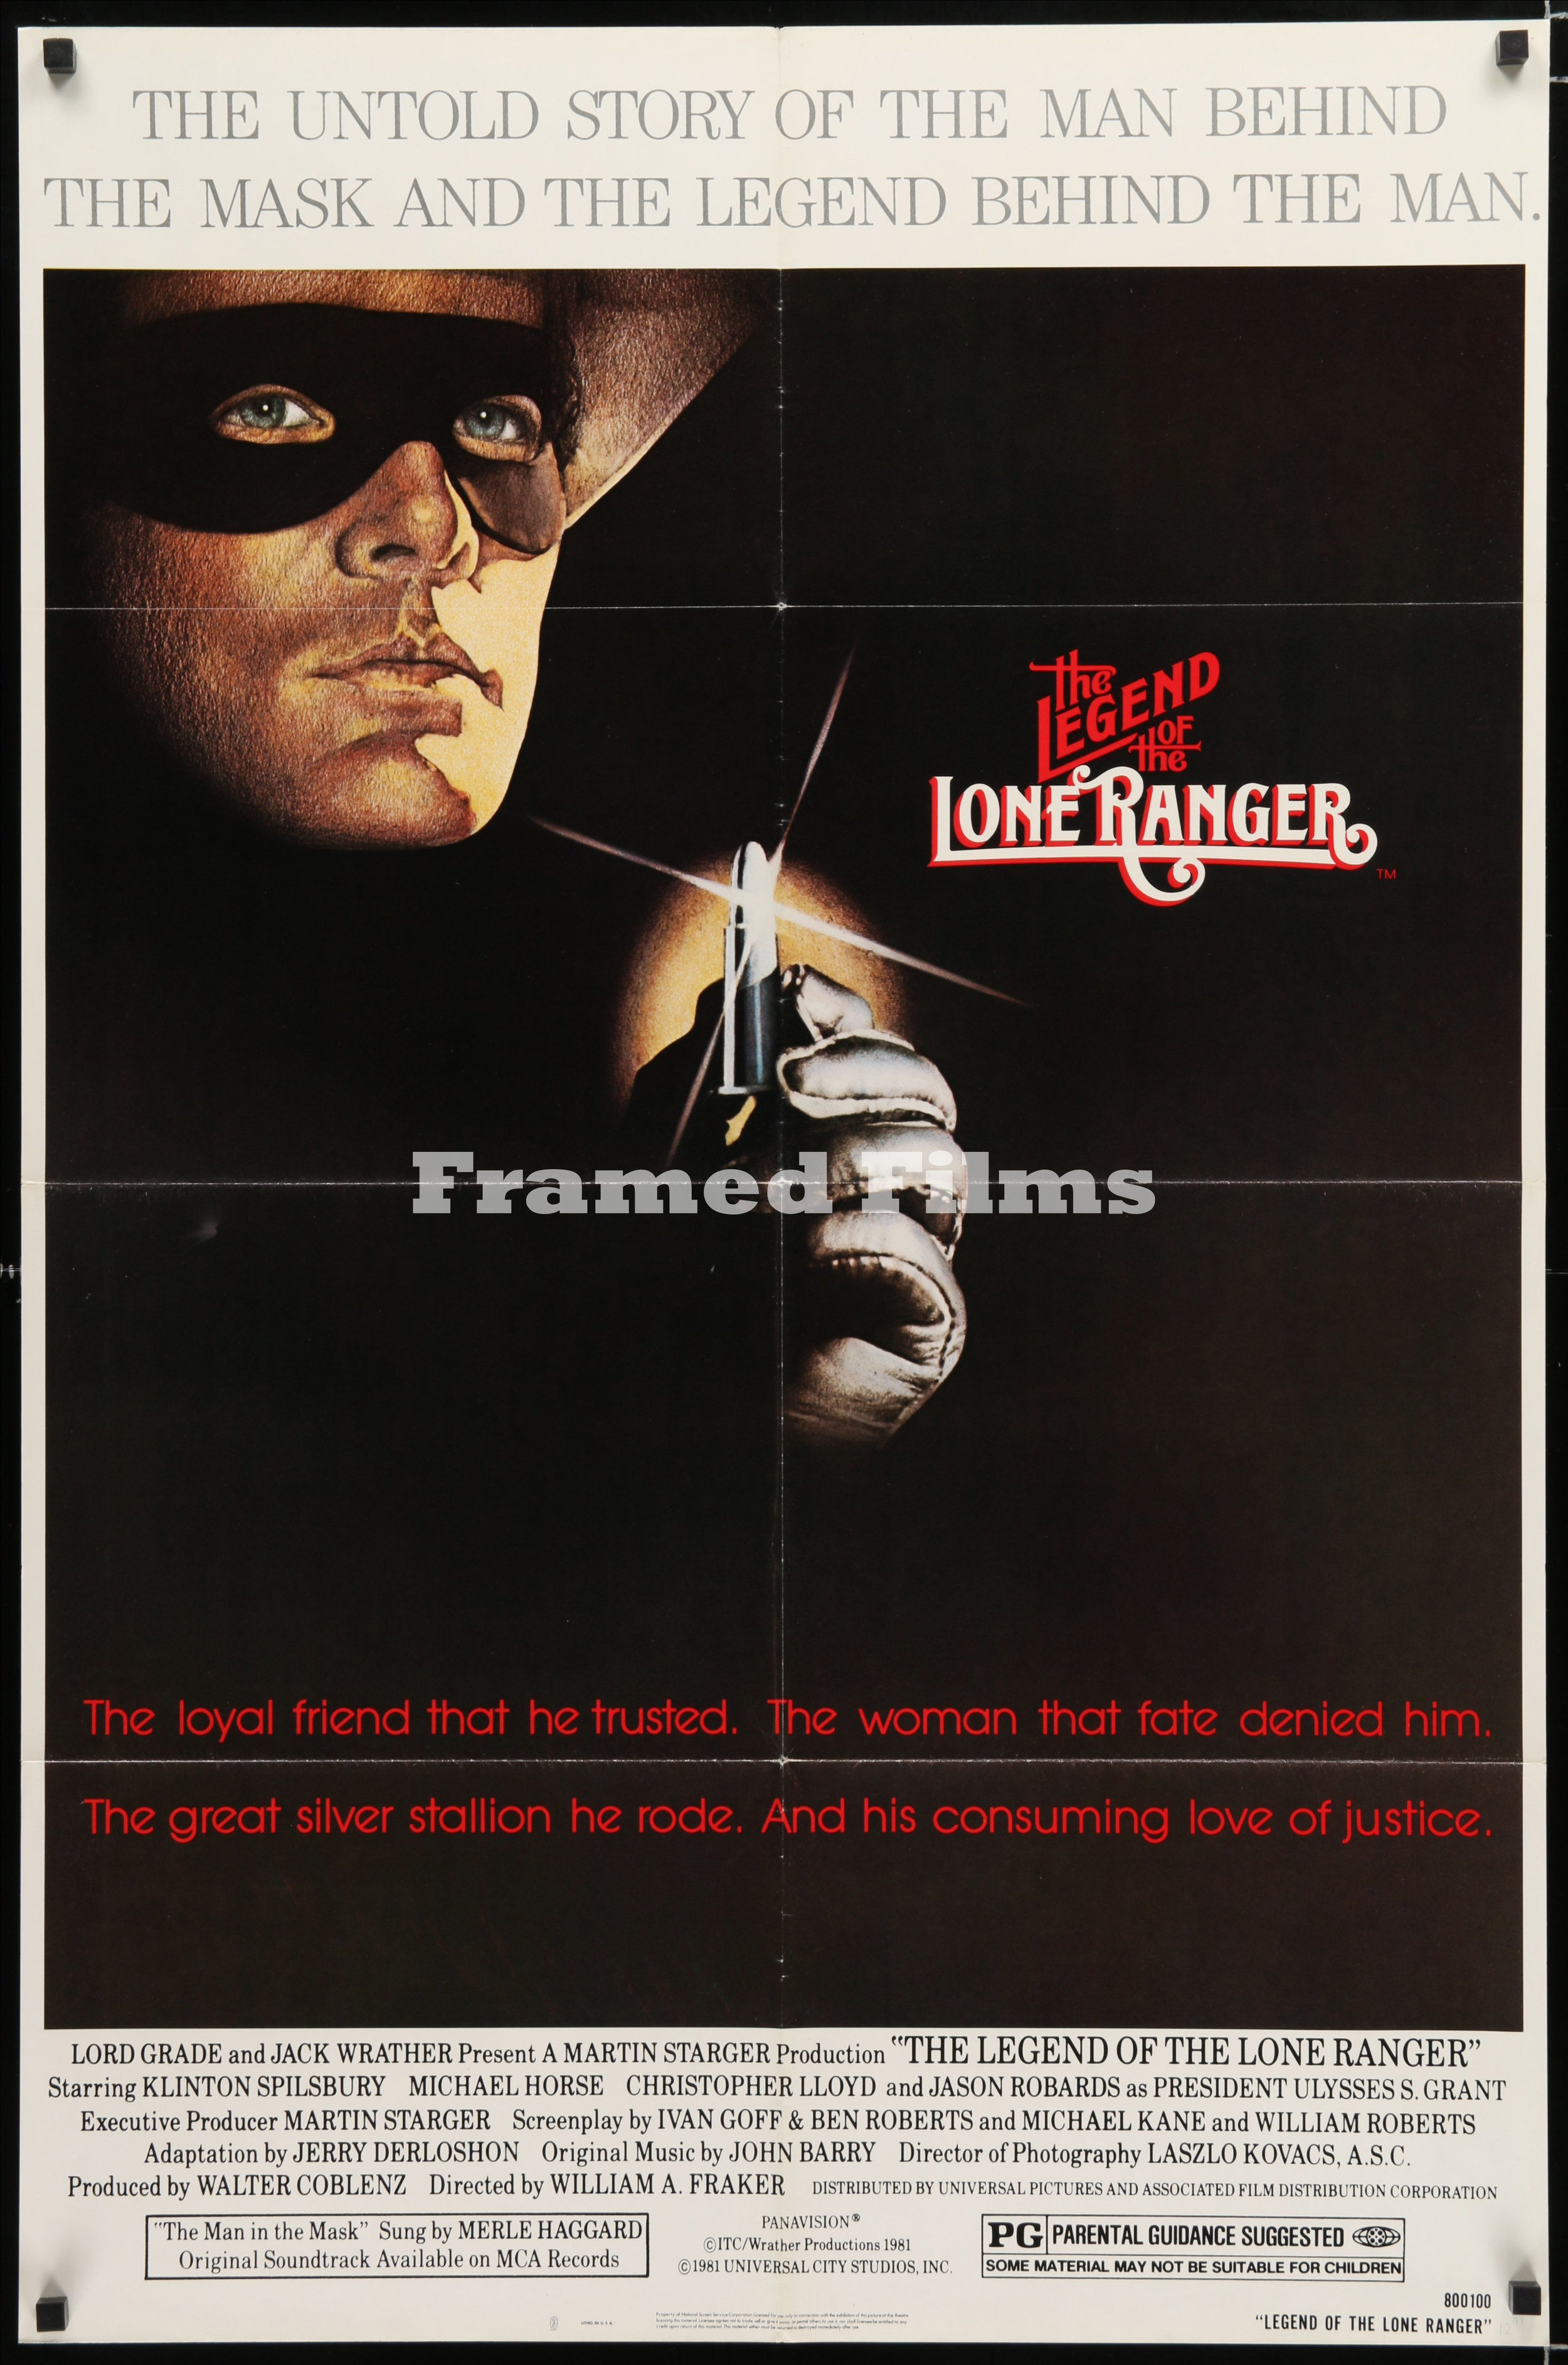 legend_of_the_lone_ranger_BM01179_C.jpg